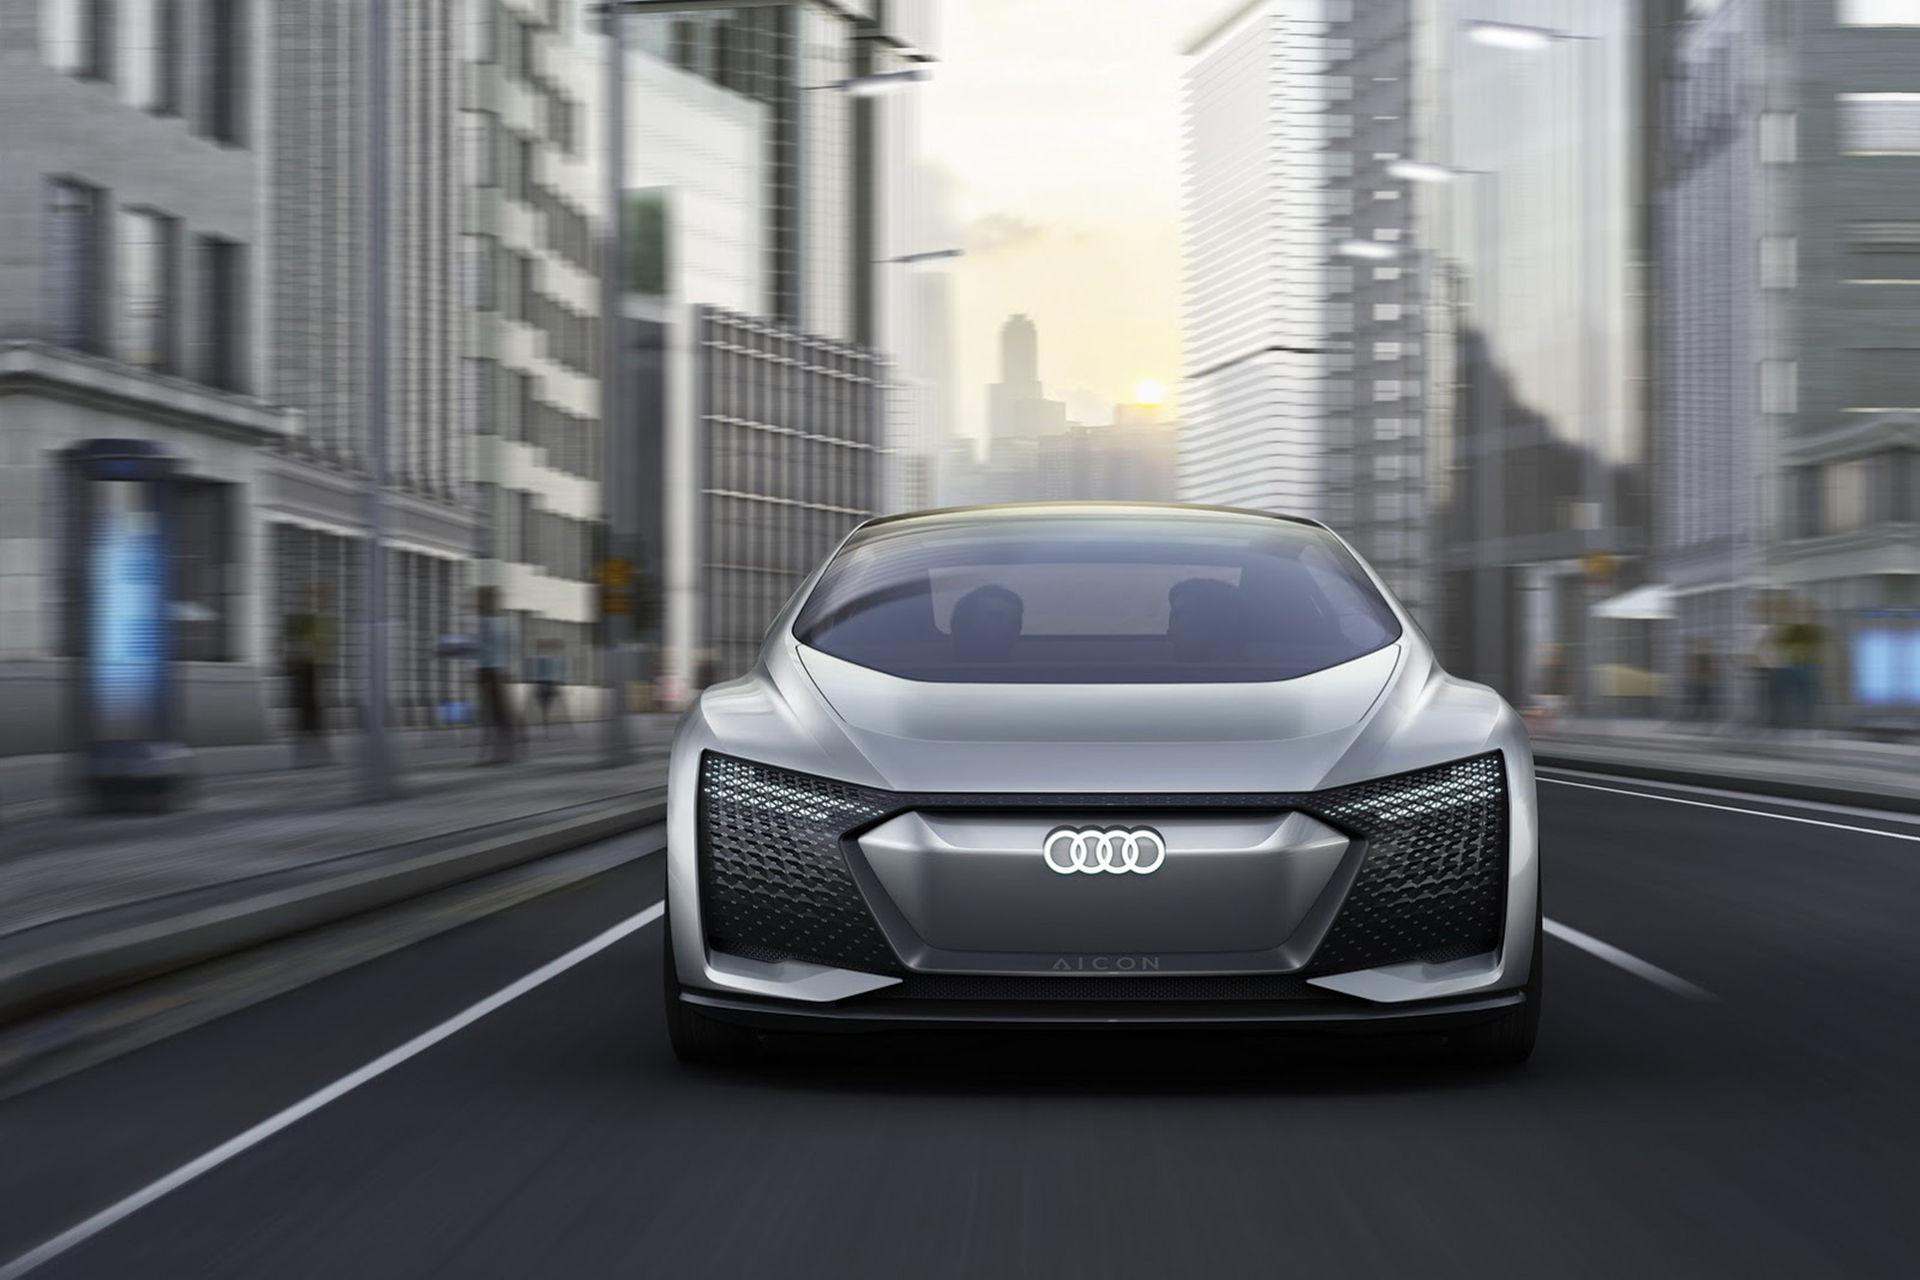 Audis Aicon kör själv och upp till 80 mil på en laddning